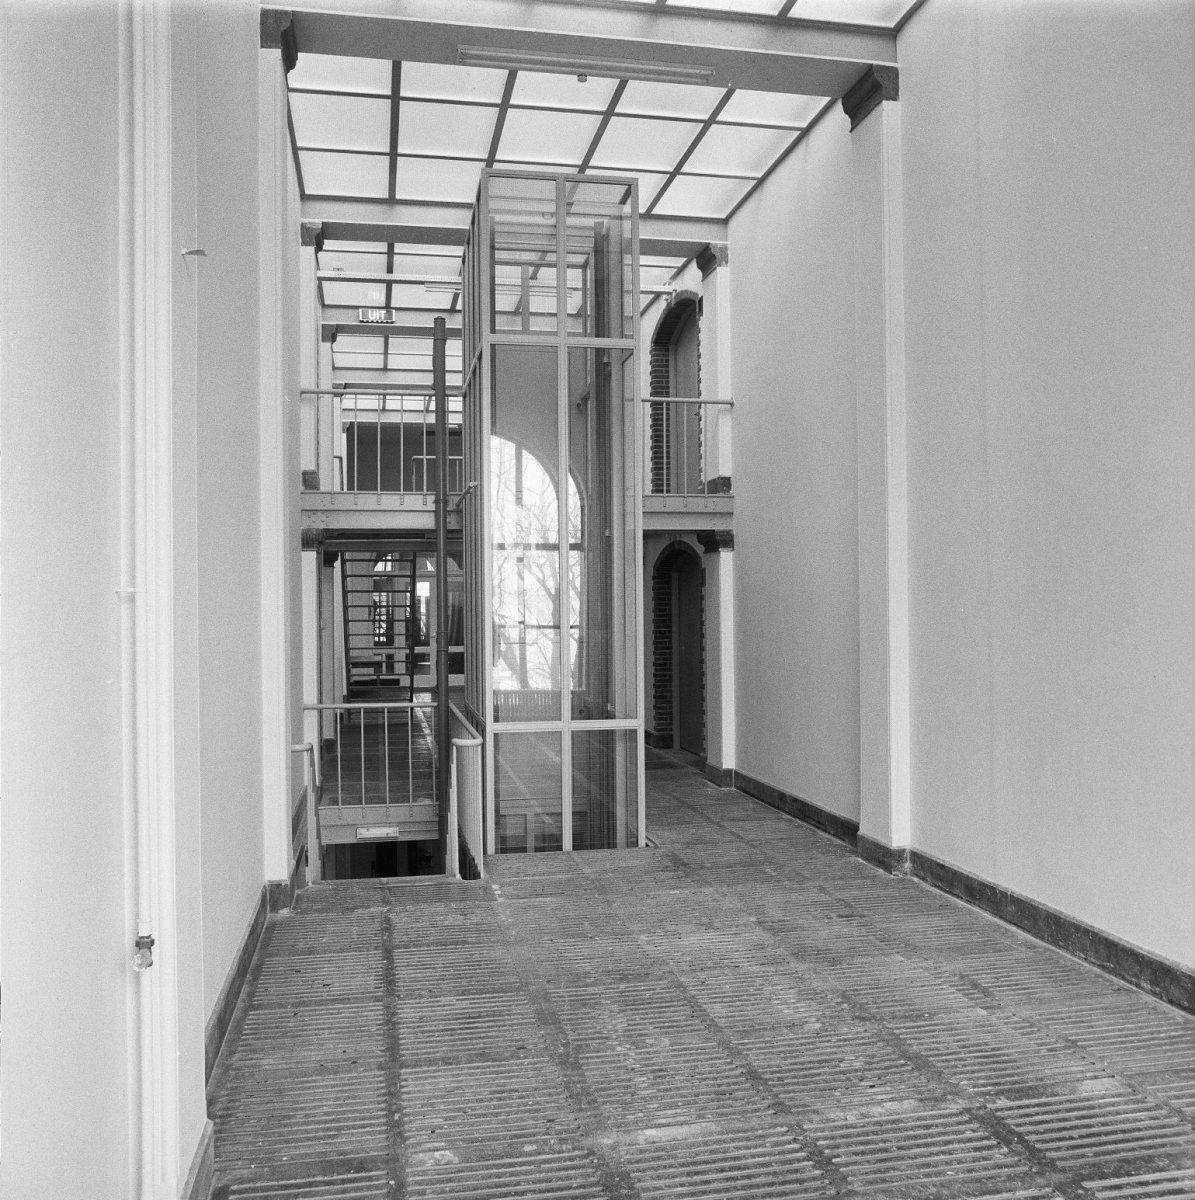 File interieur met nieuwe lift leiden 20315179 rce for Interieur leiden